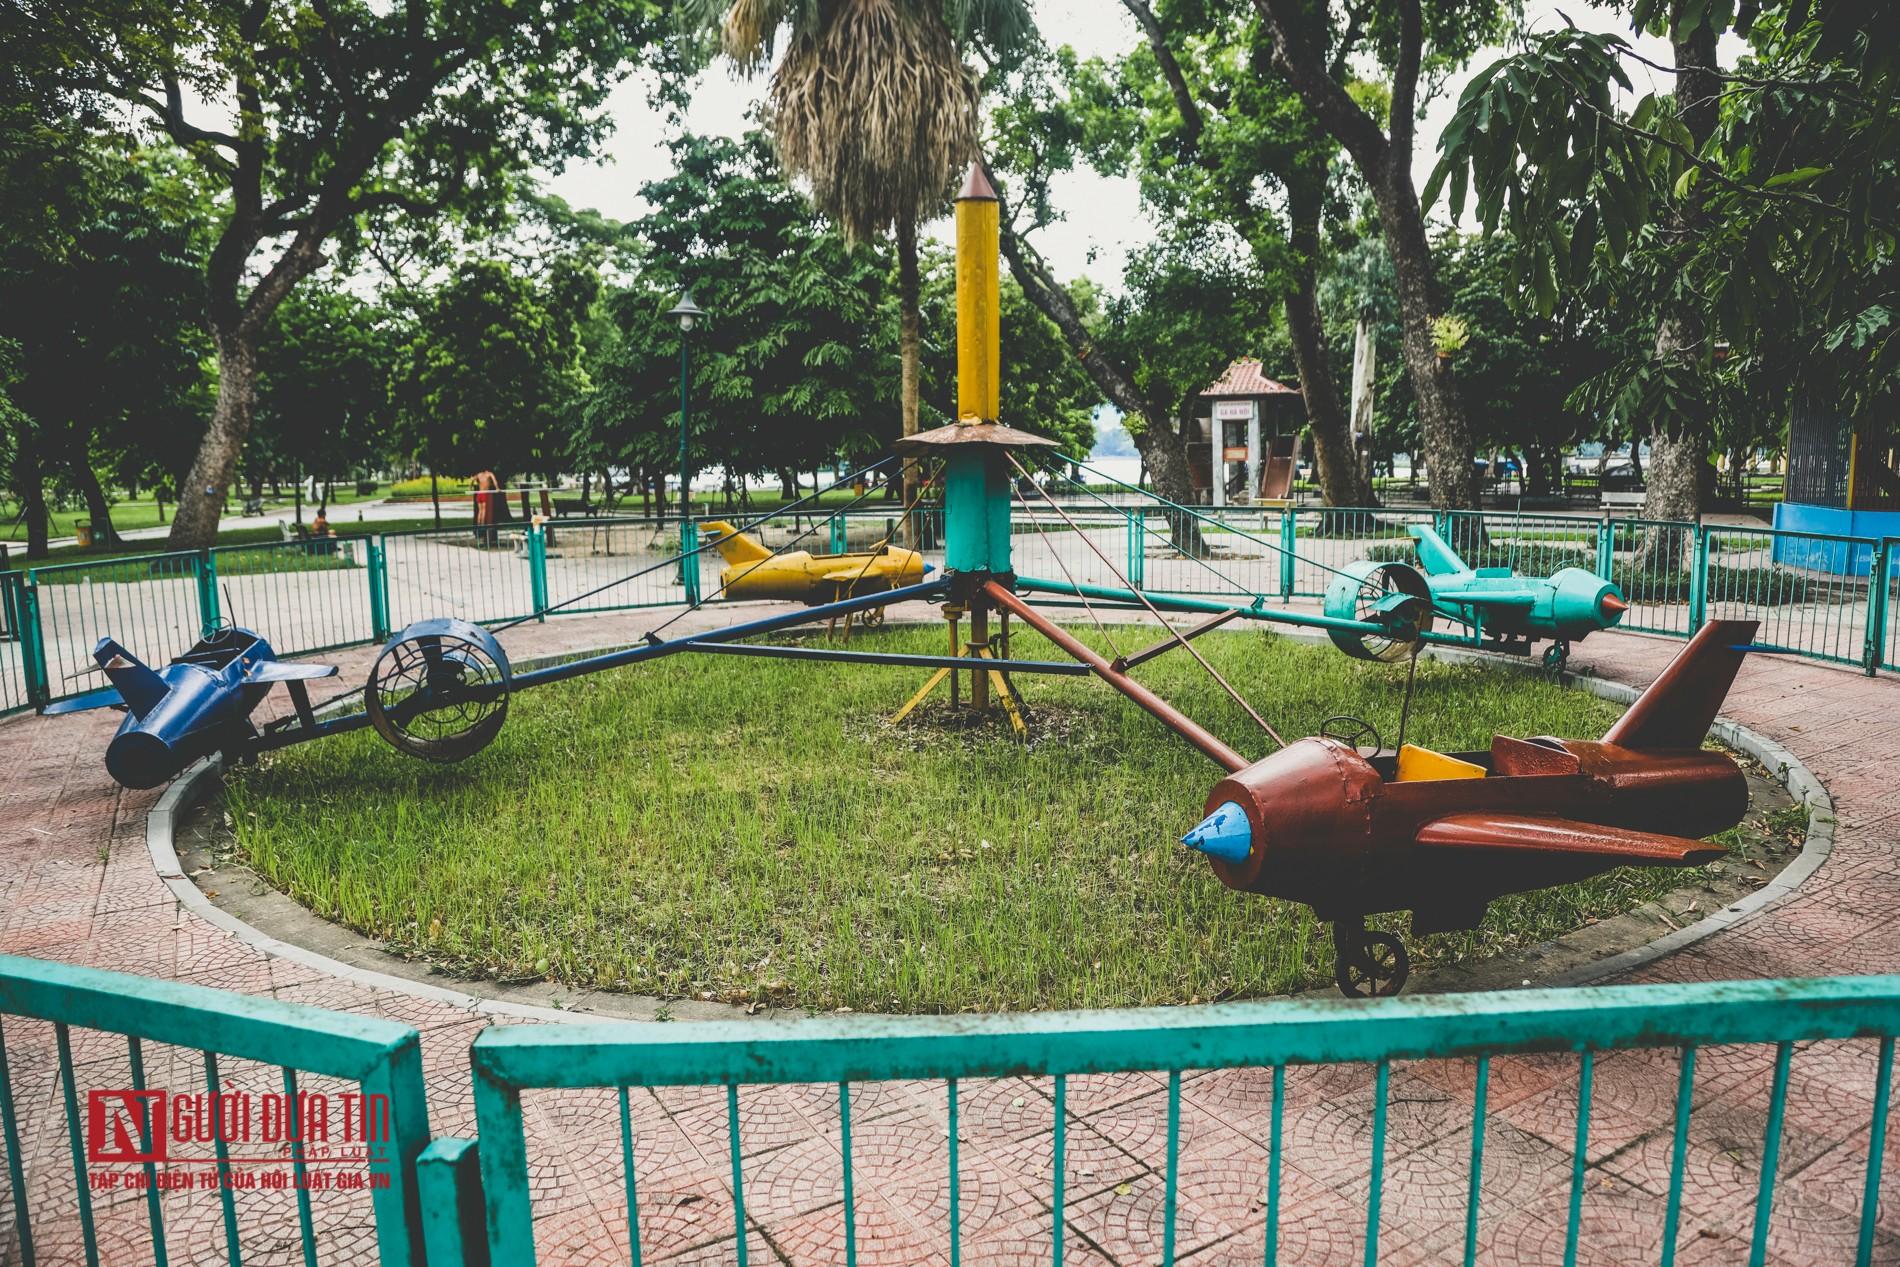 Hà Nội: Xót xa những hạng mục vui chơi cho trẻ xuống cấp, hư hỏng tại công viên Thống Nhất-3